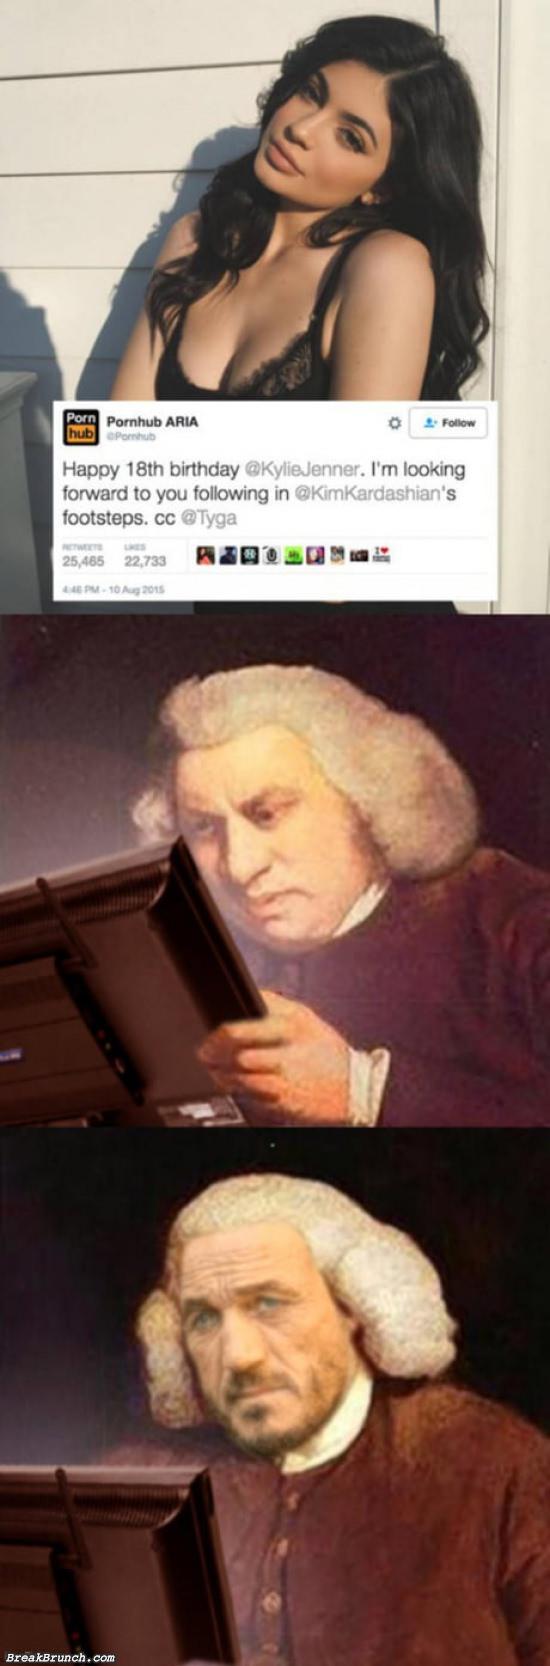 funny-meme-5e61c5faf2c81839a